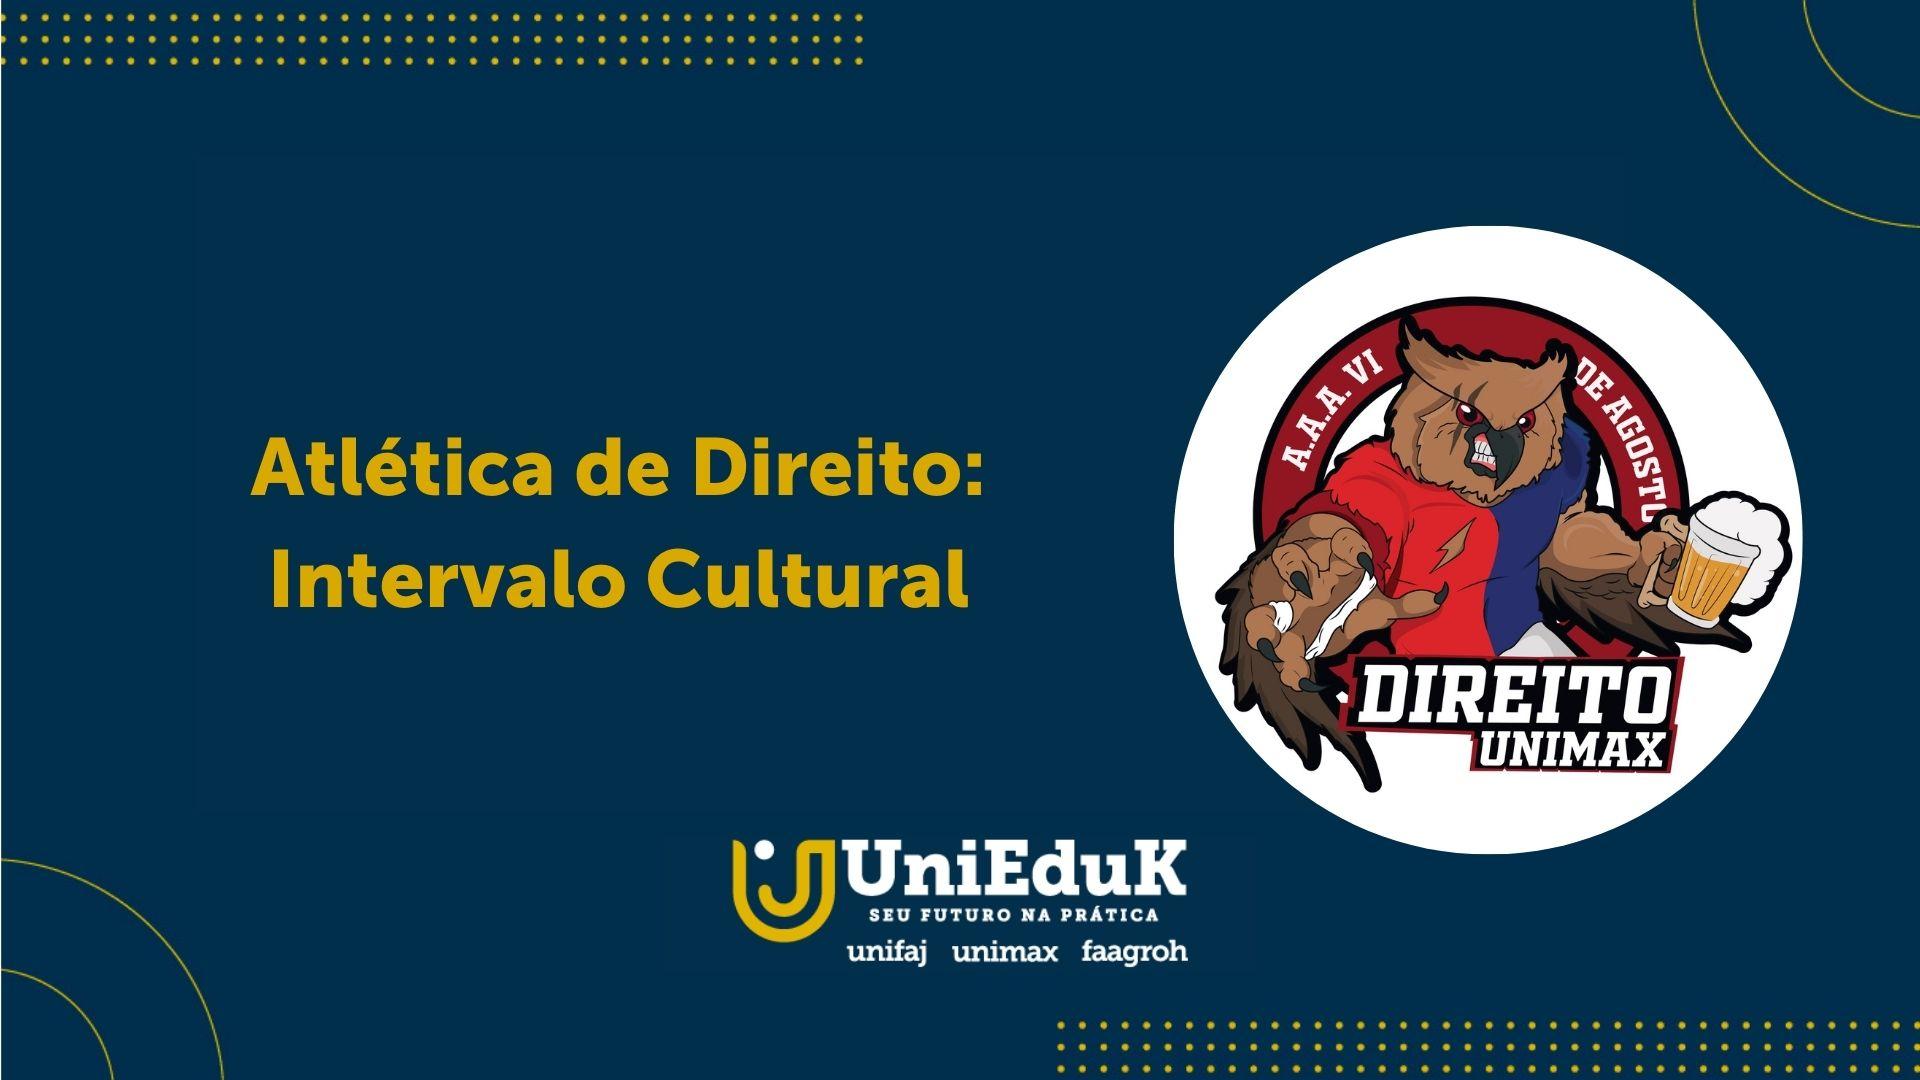 A imagem traz o logo da Atlética de Direito que organiza o Intervalo Cultural